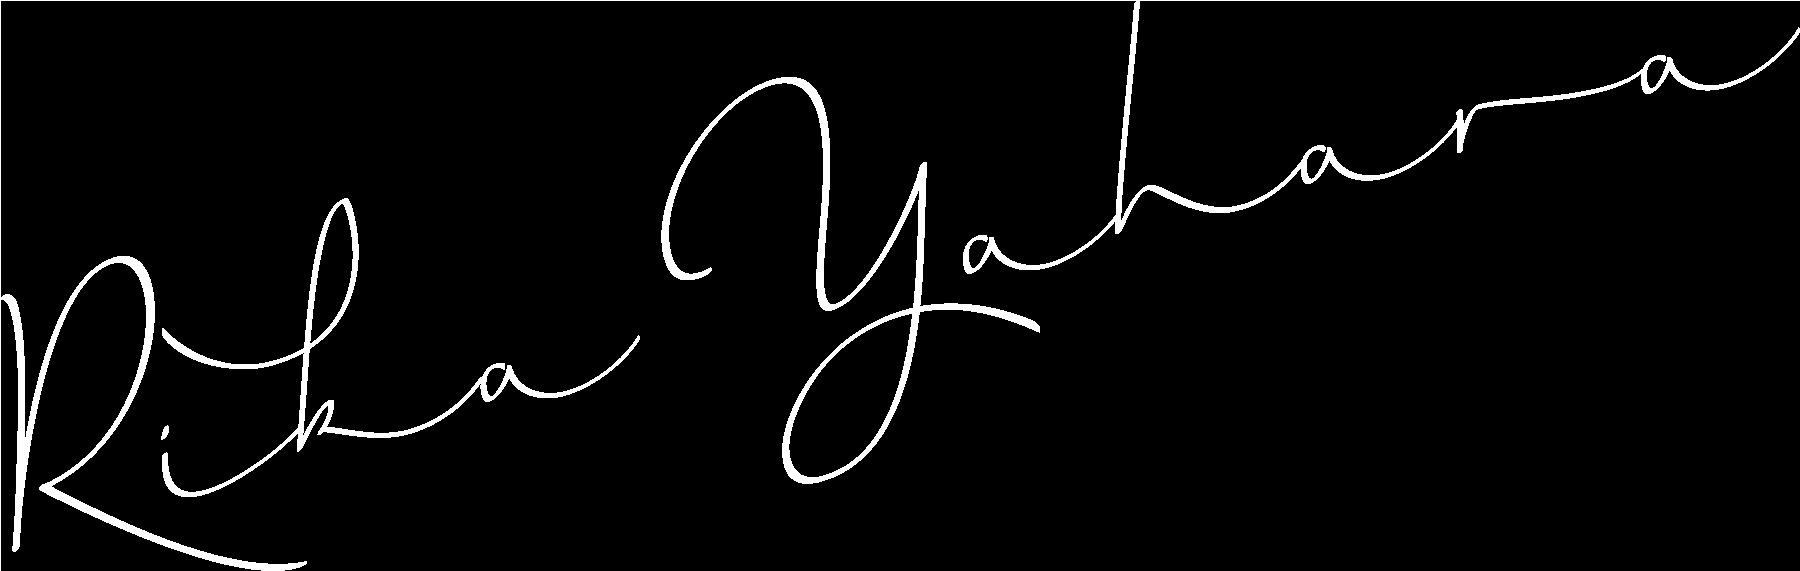 ヤハラリカ